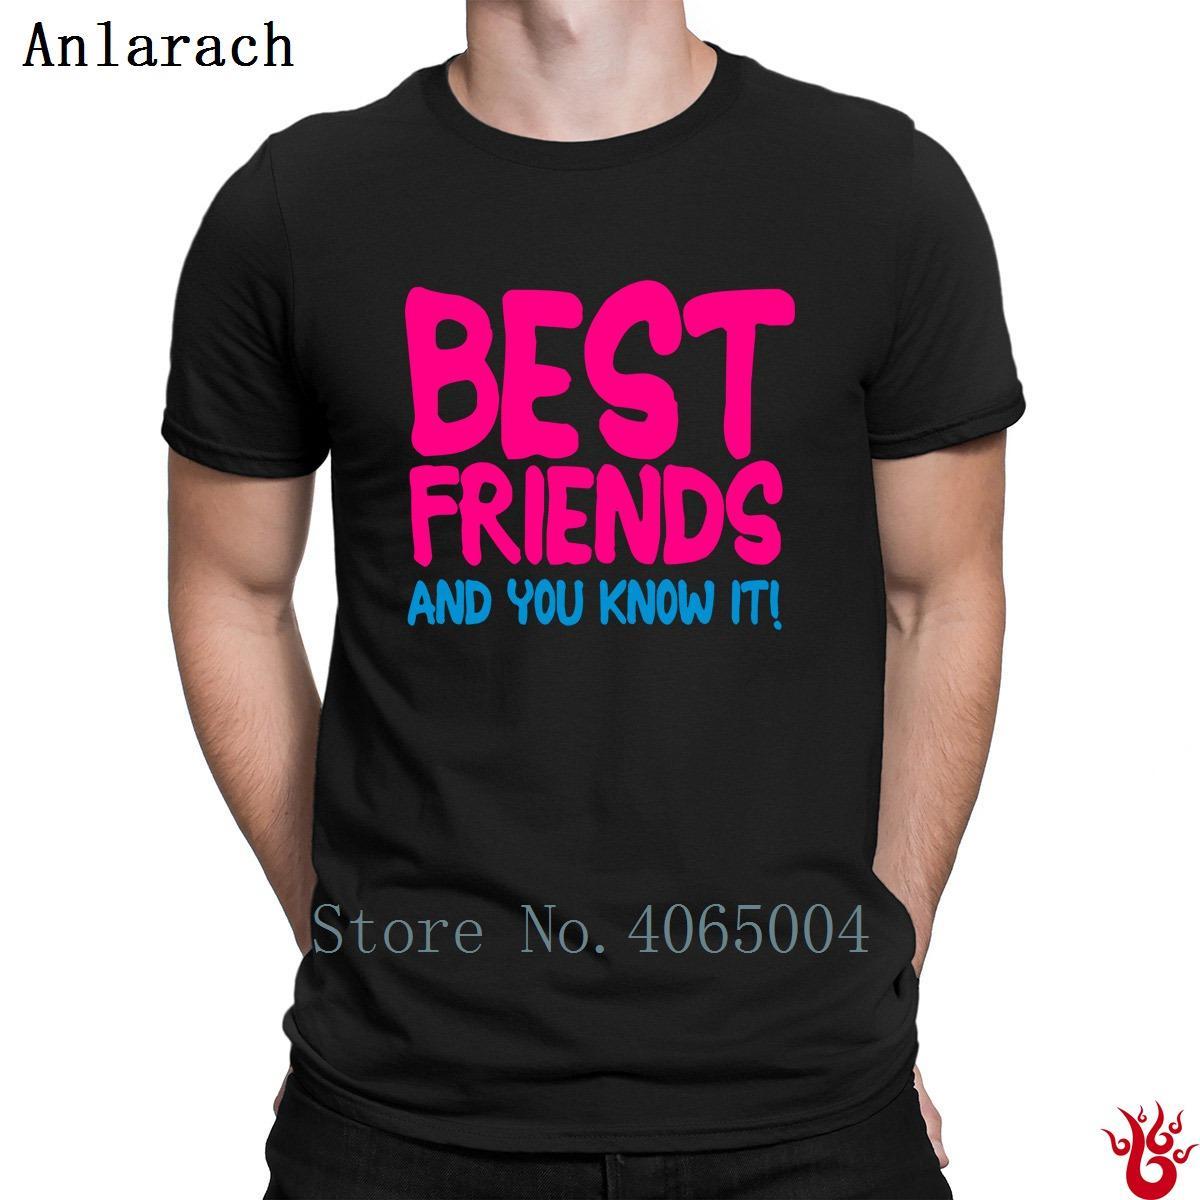 Migliori amici e tu lo sai T-shirt di svago del cotone degli uomini Streetwear maglietta 2018 divertente casual Designer HipHop Top anti-rughe